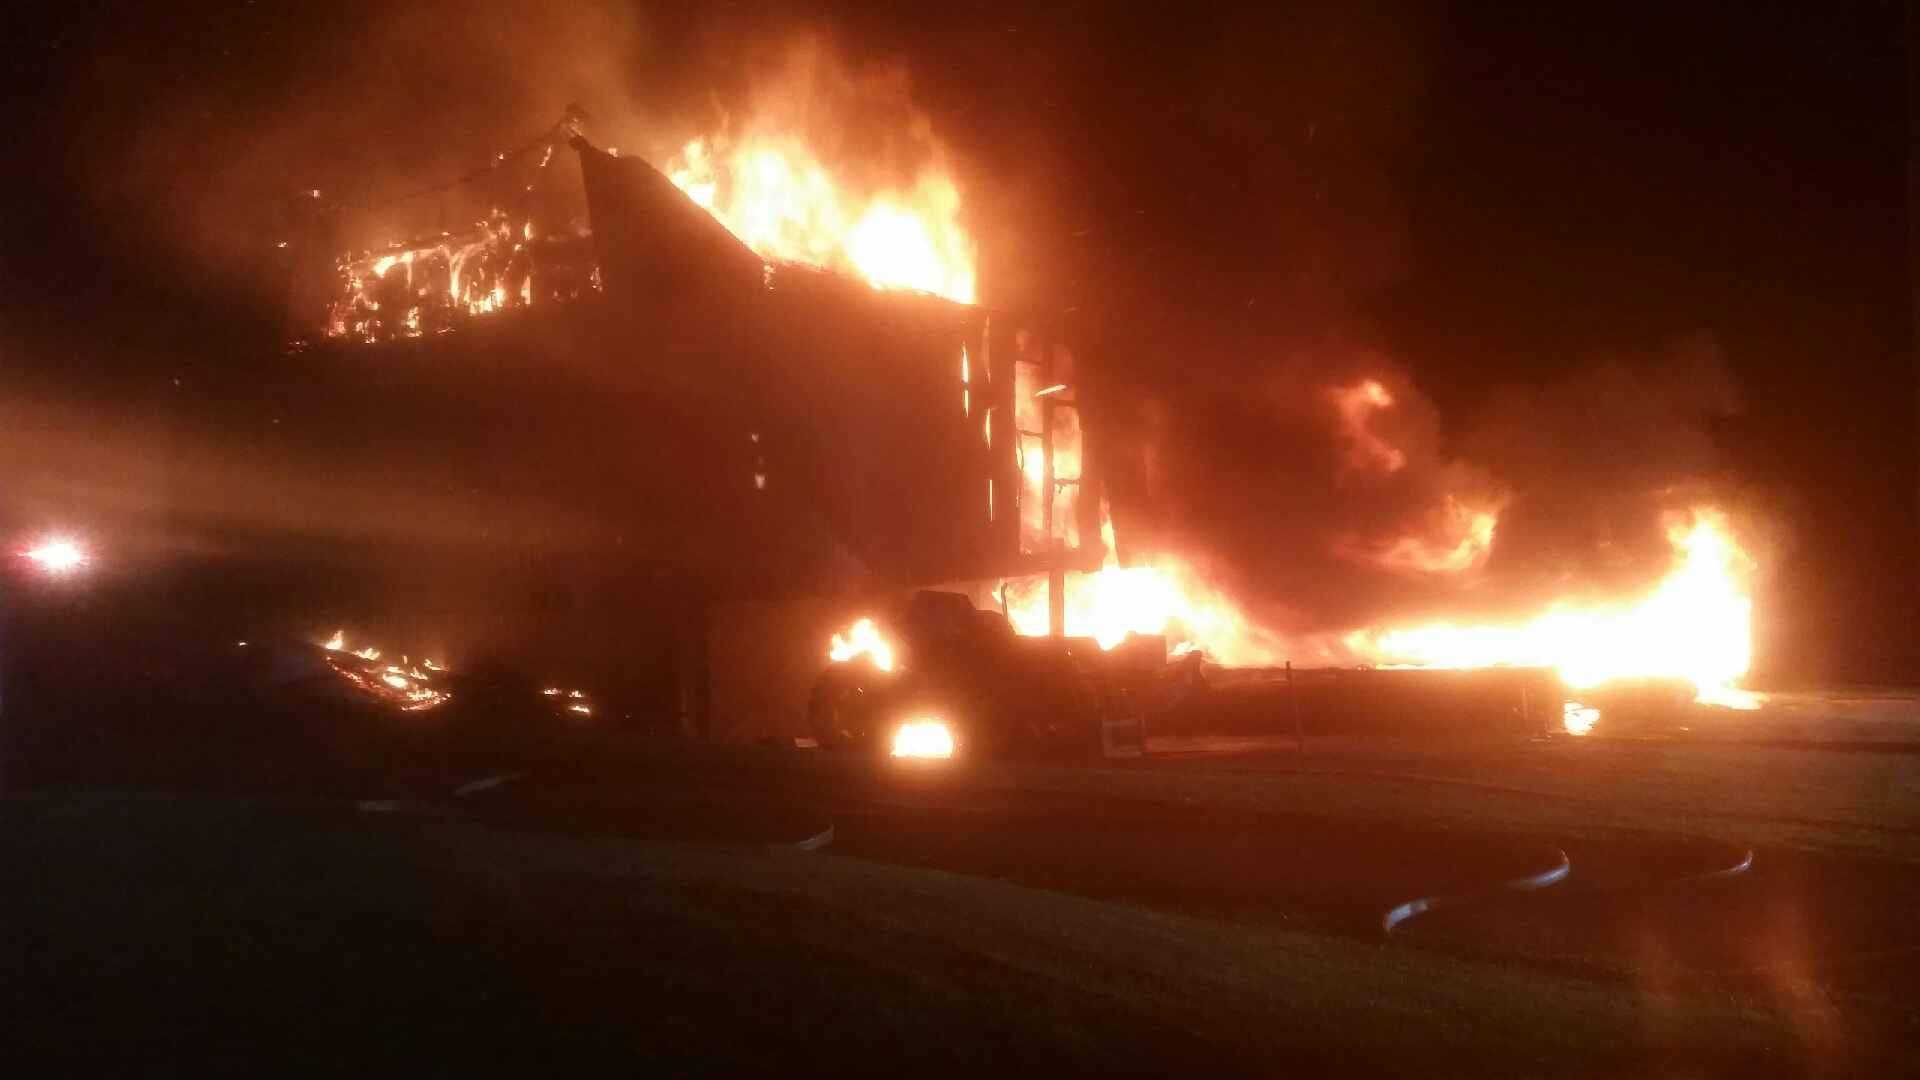 FIRE photo 7.11.16.jpg